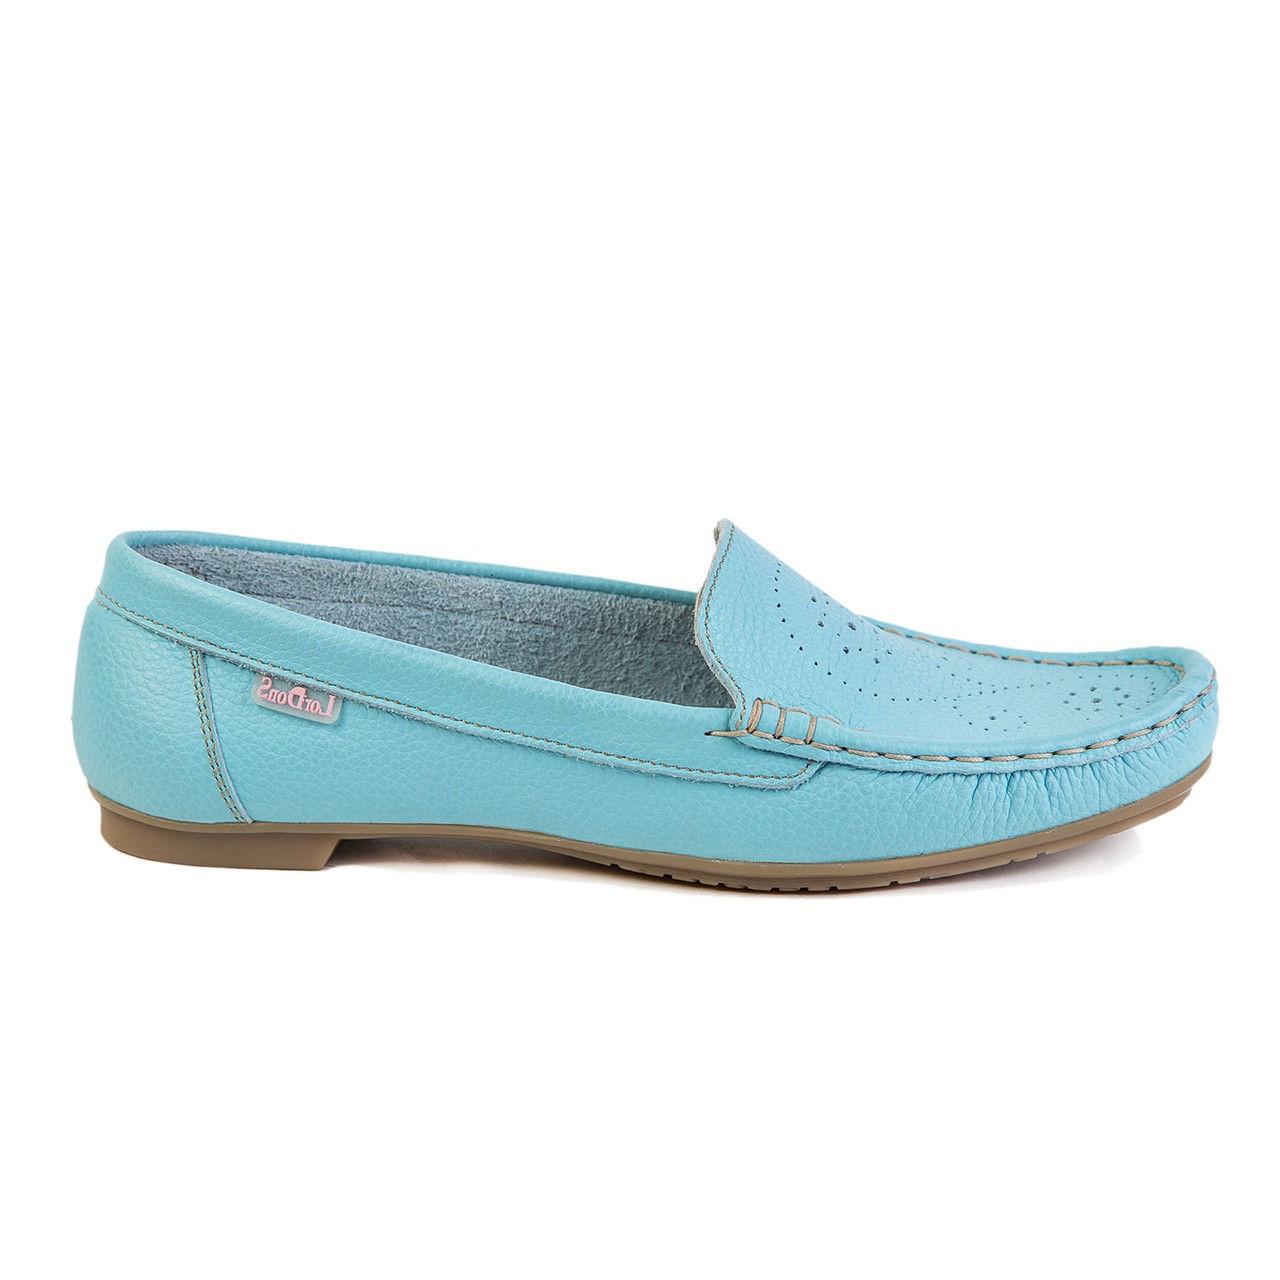 Мокасины женские Lordons 2248-11 - Интернет-магазин женской обуви и аксессуаров ''FLIT'' в Виннице